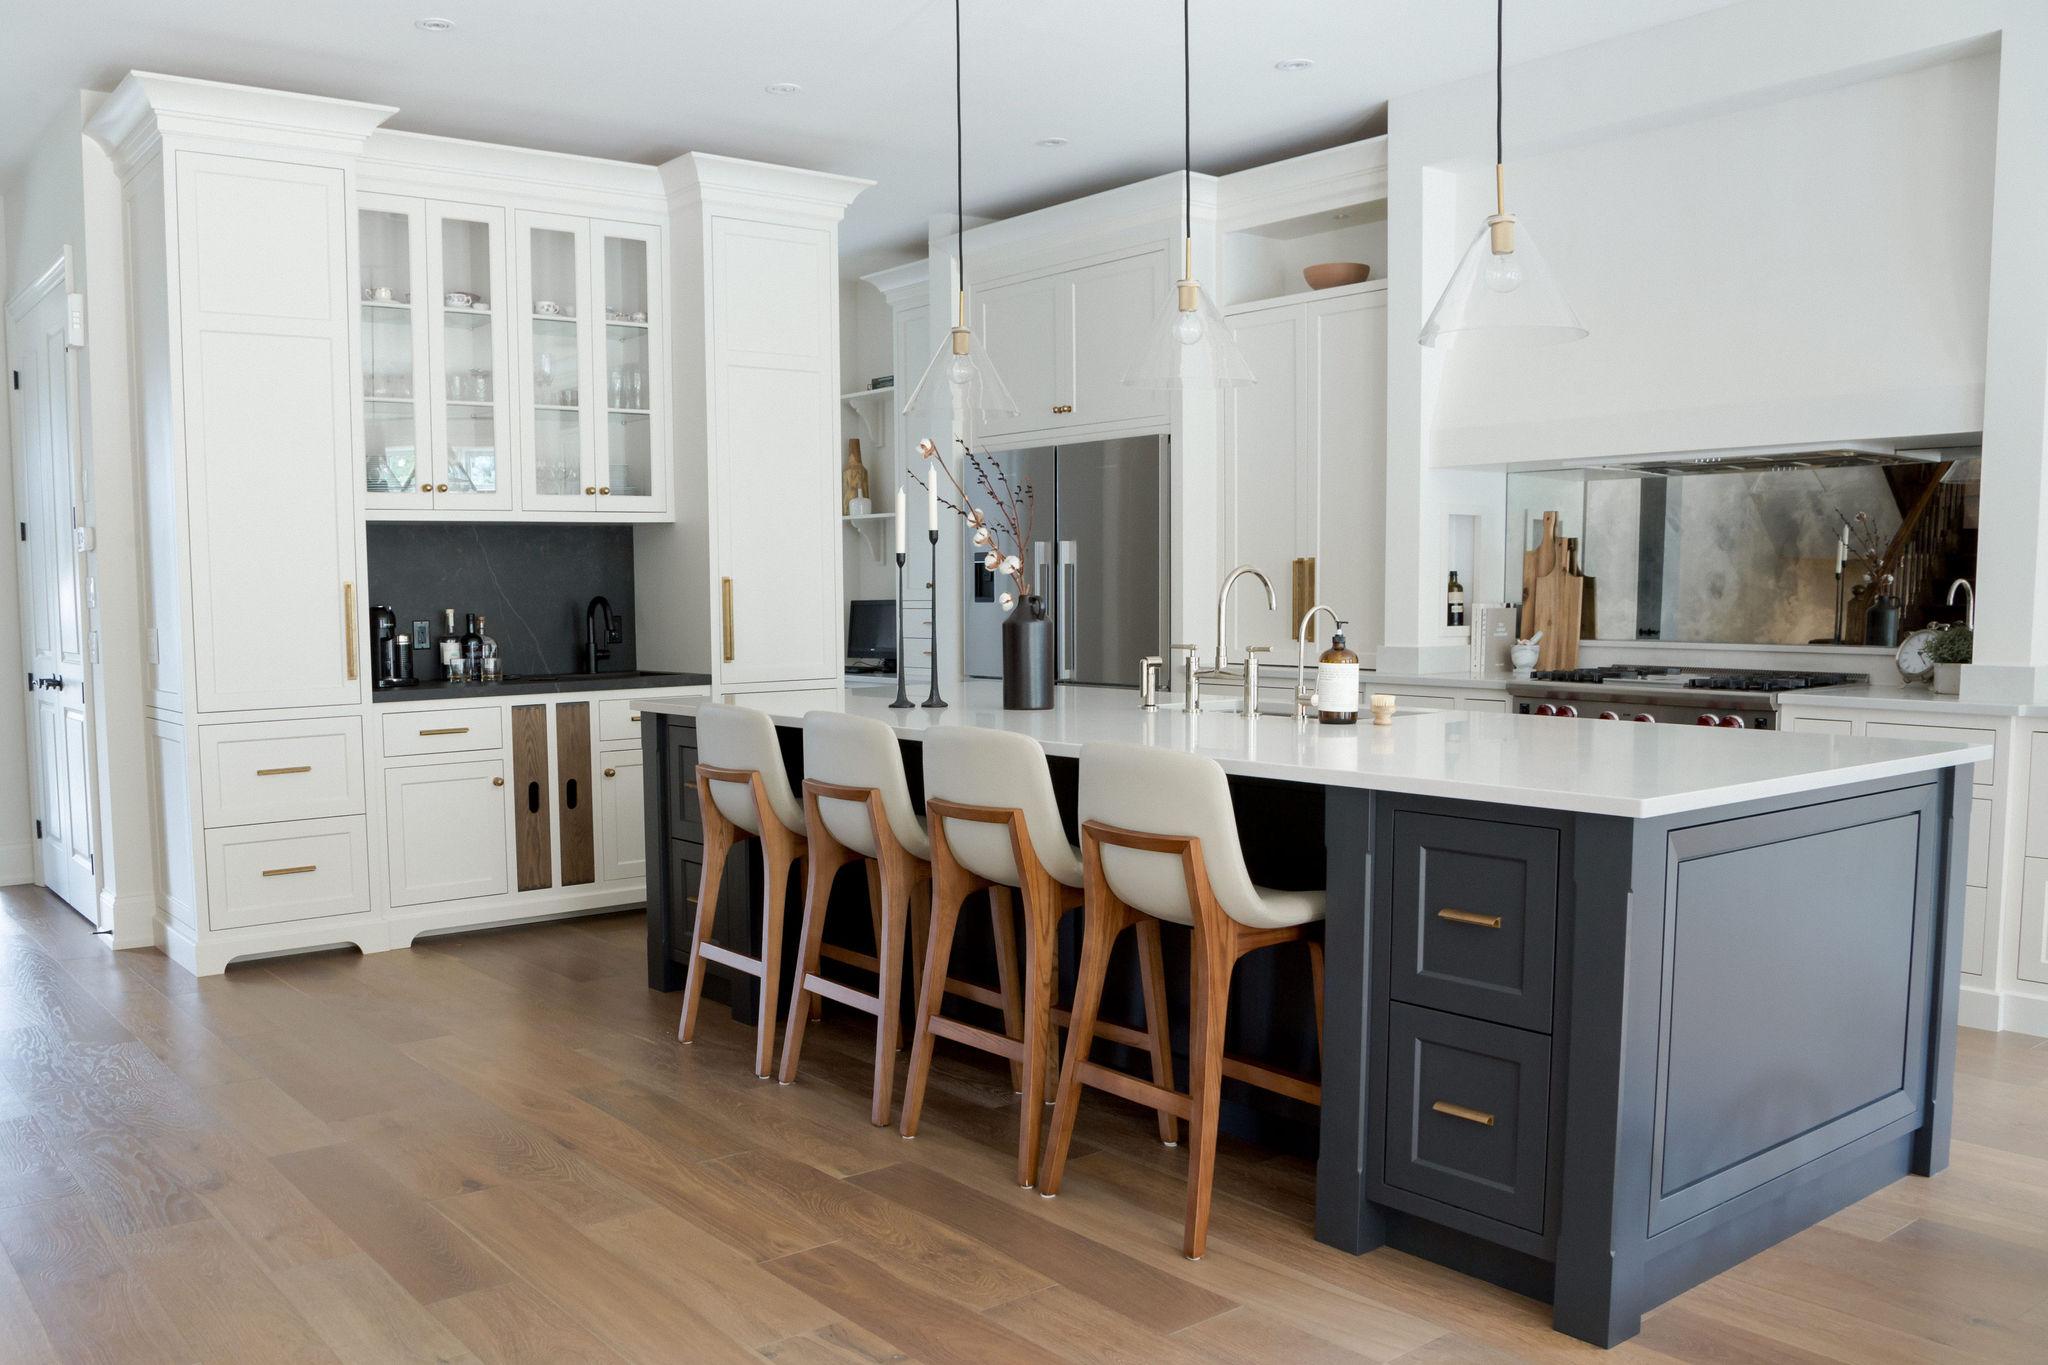 The Dorchester Kitchen on Grimsby Escarpment